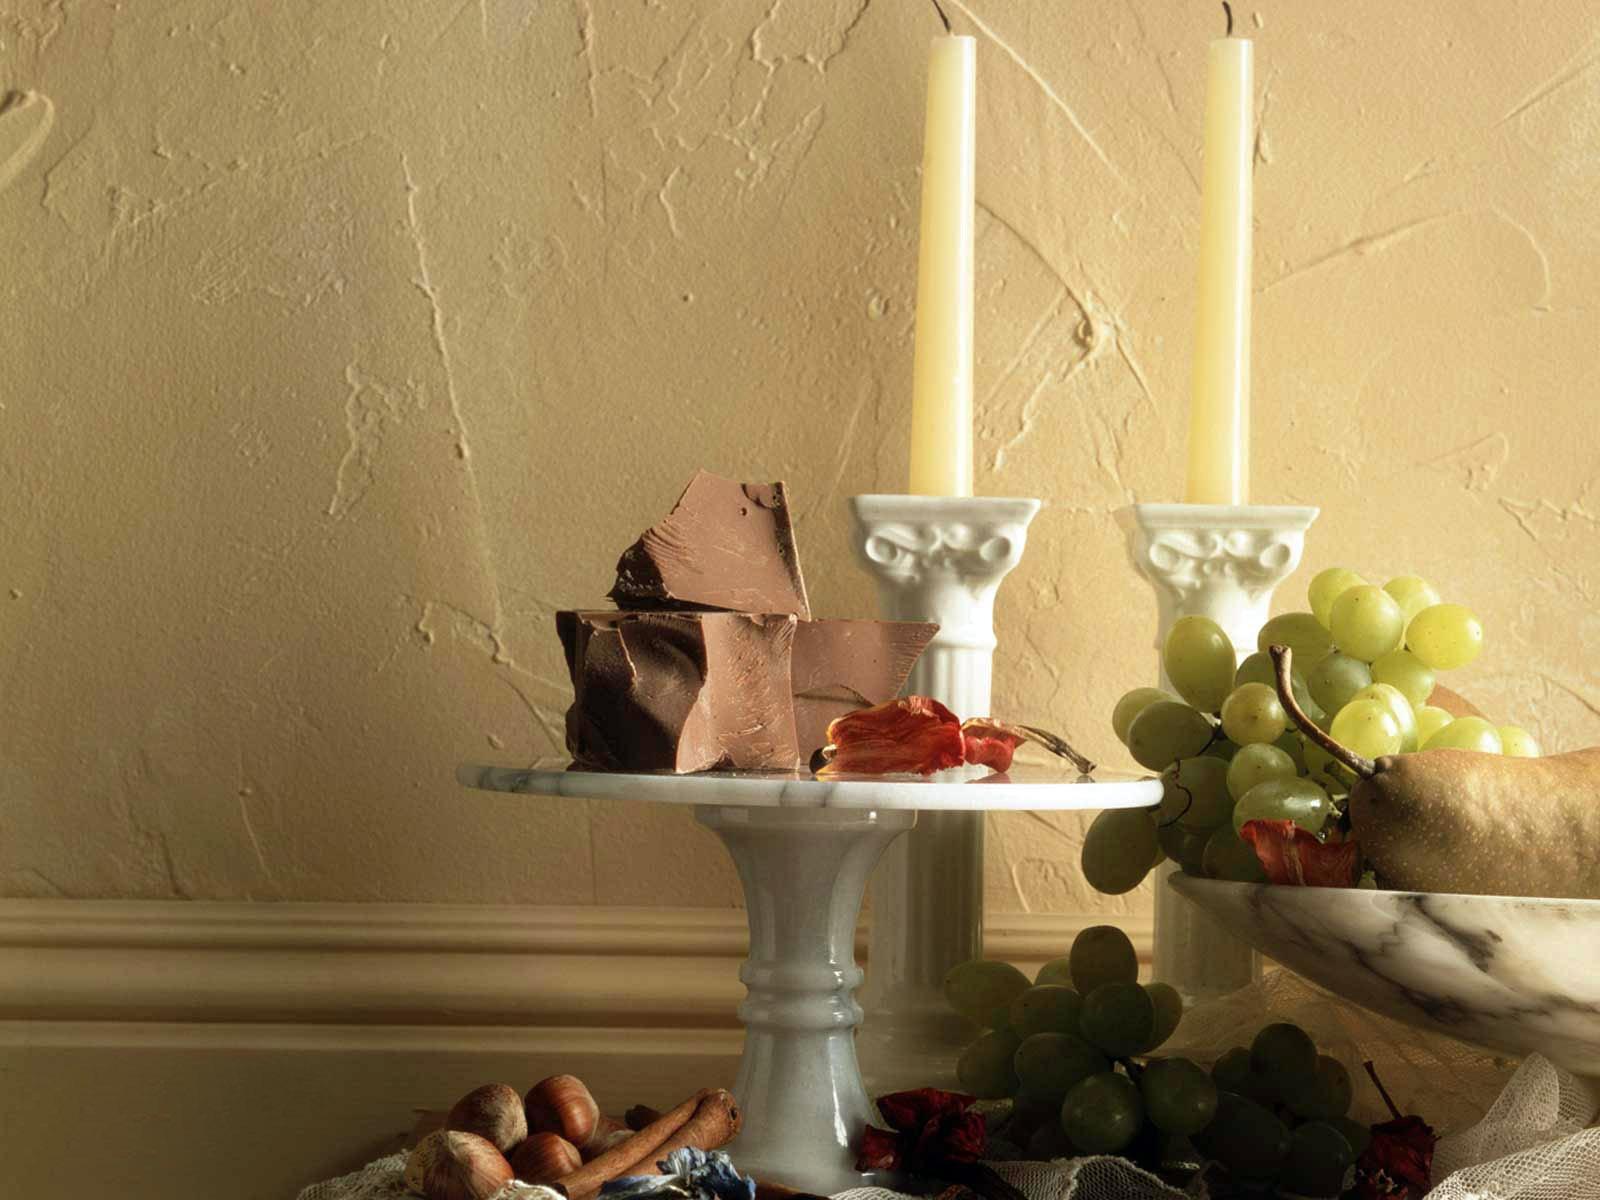 La Peinture Chambre Mur Les Raisins Chocolat Design Du0027intérieur Bougie  éclairage Conception Sol Plafond